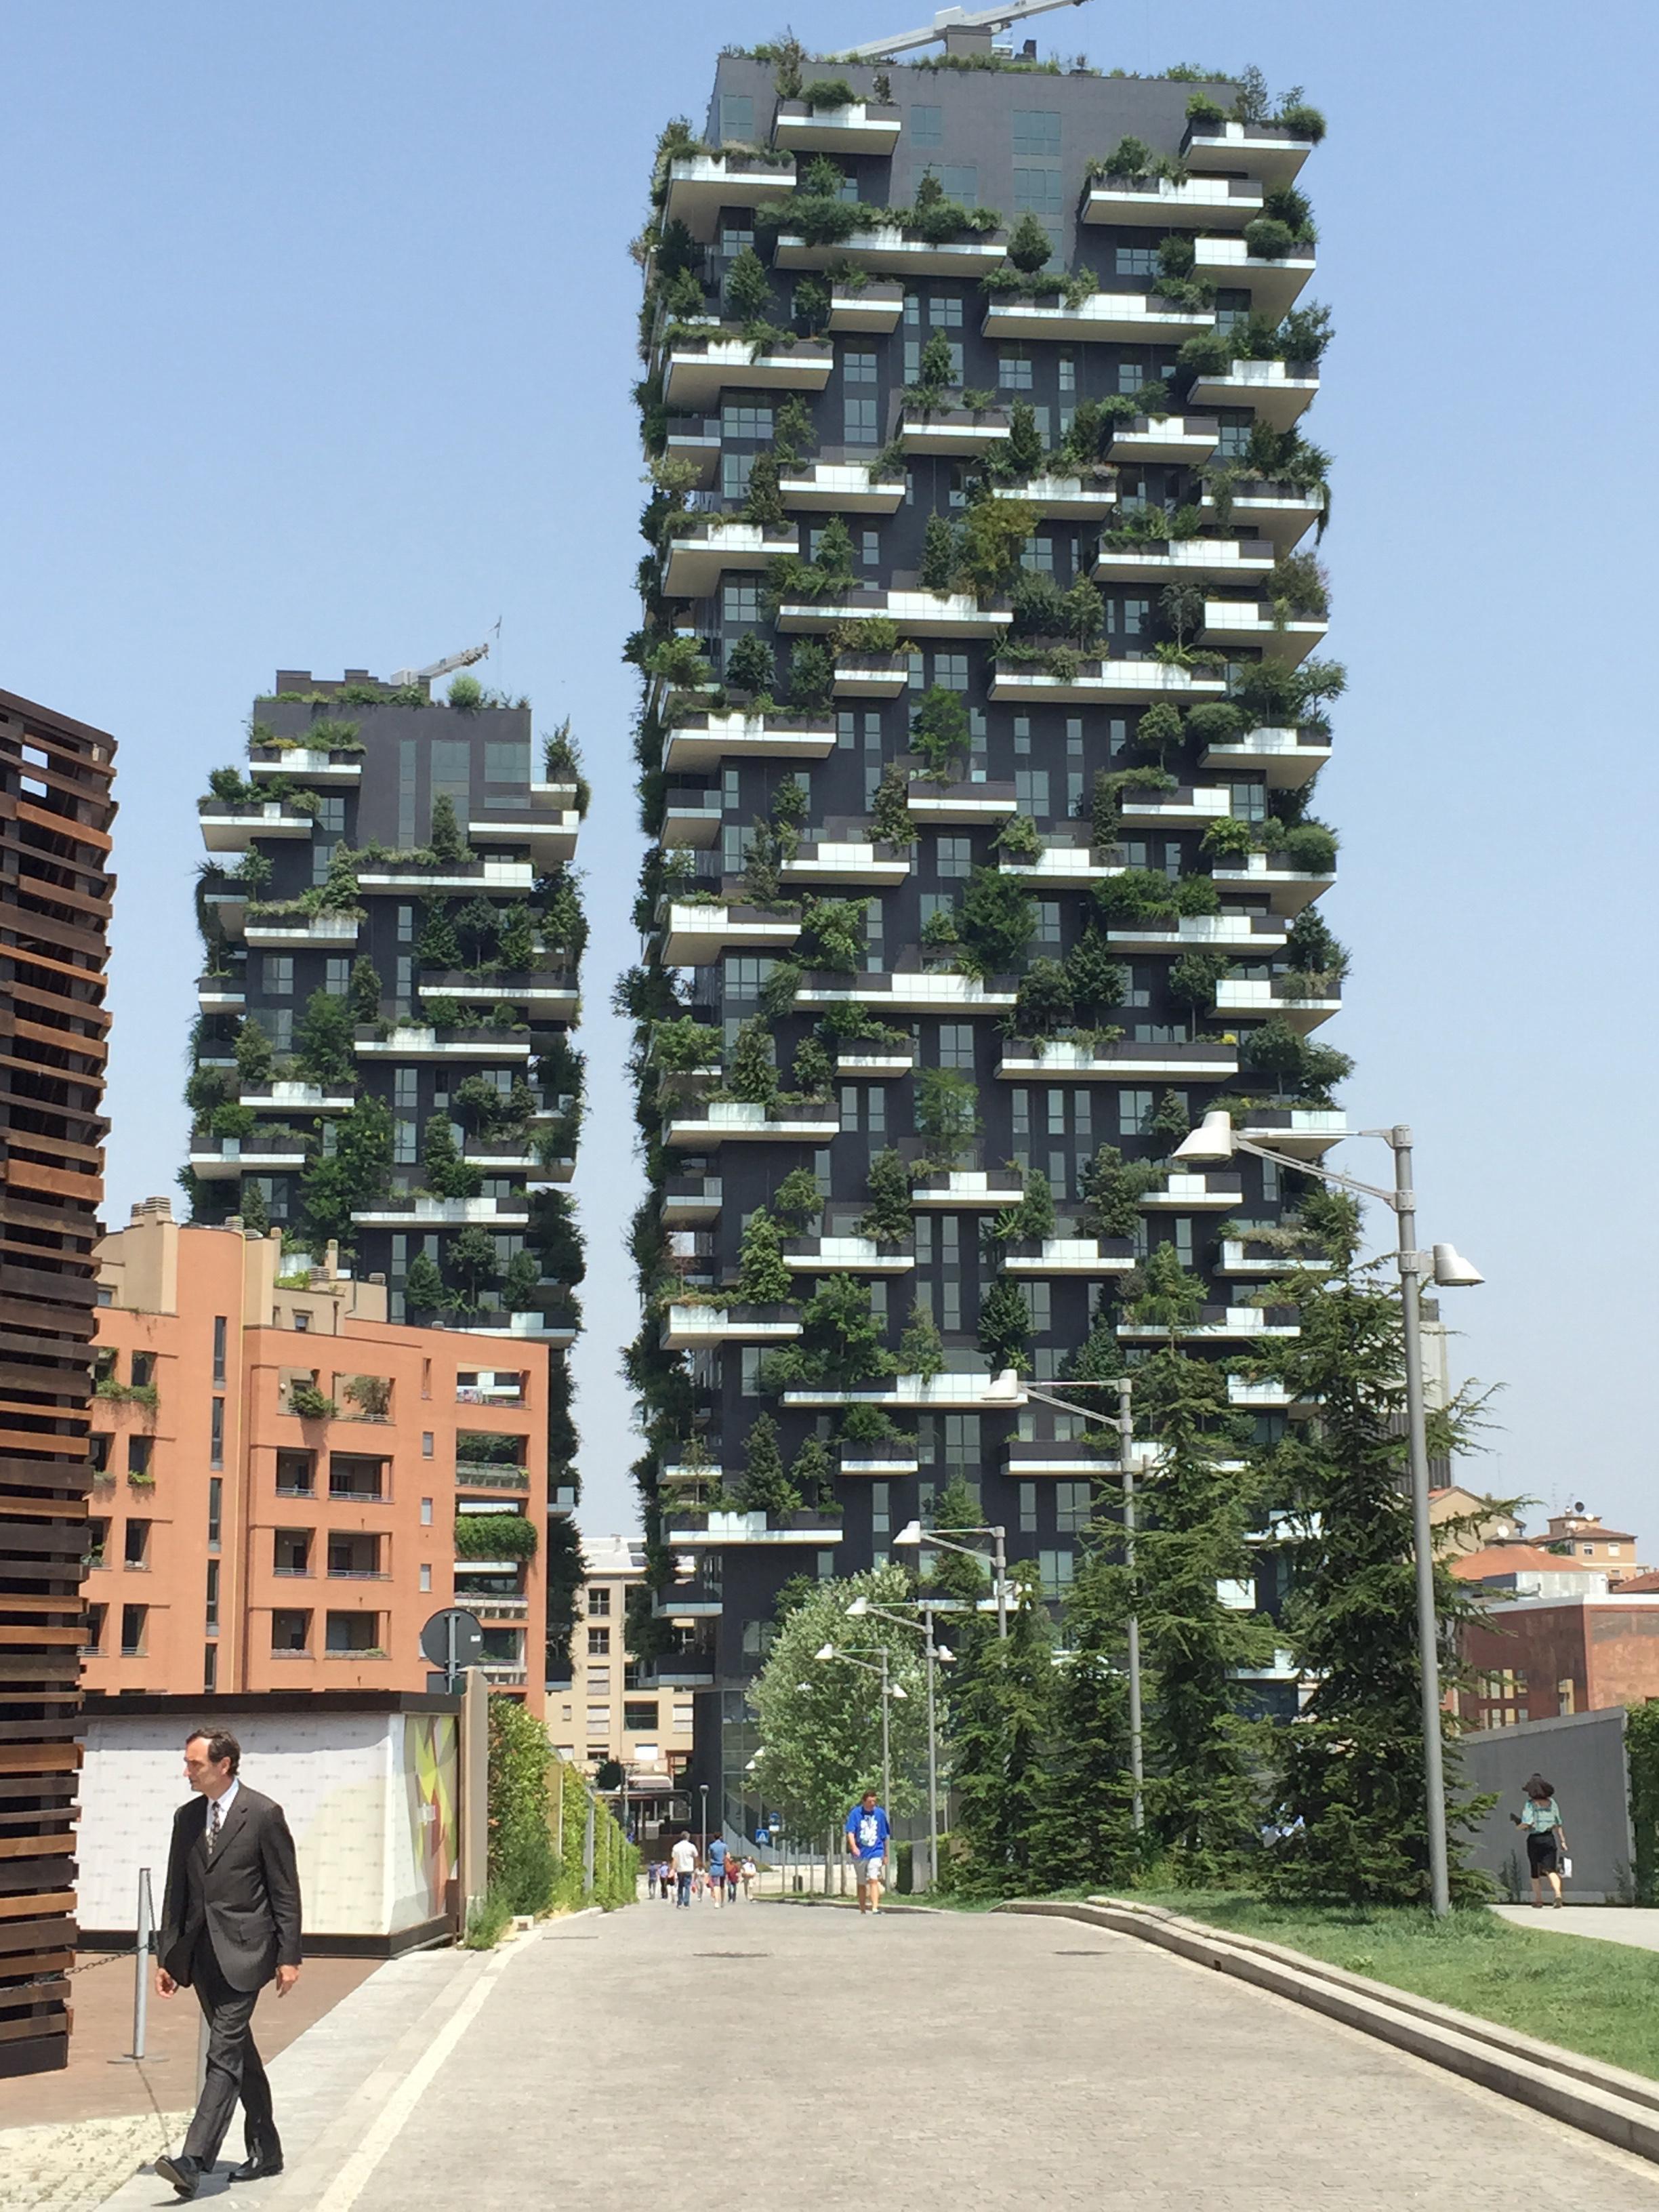 Pza Gae Aulenti green towers